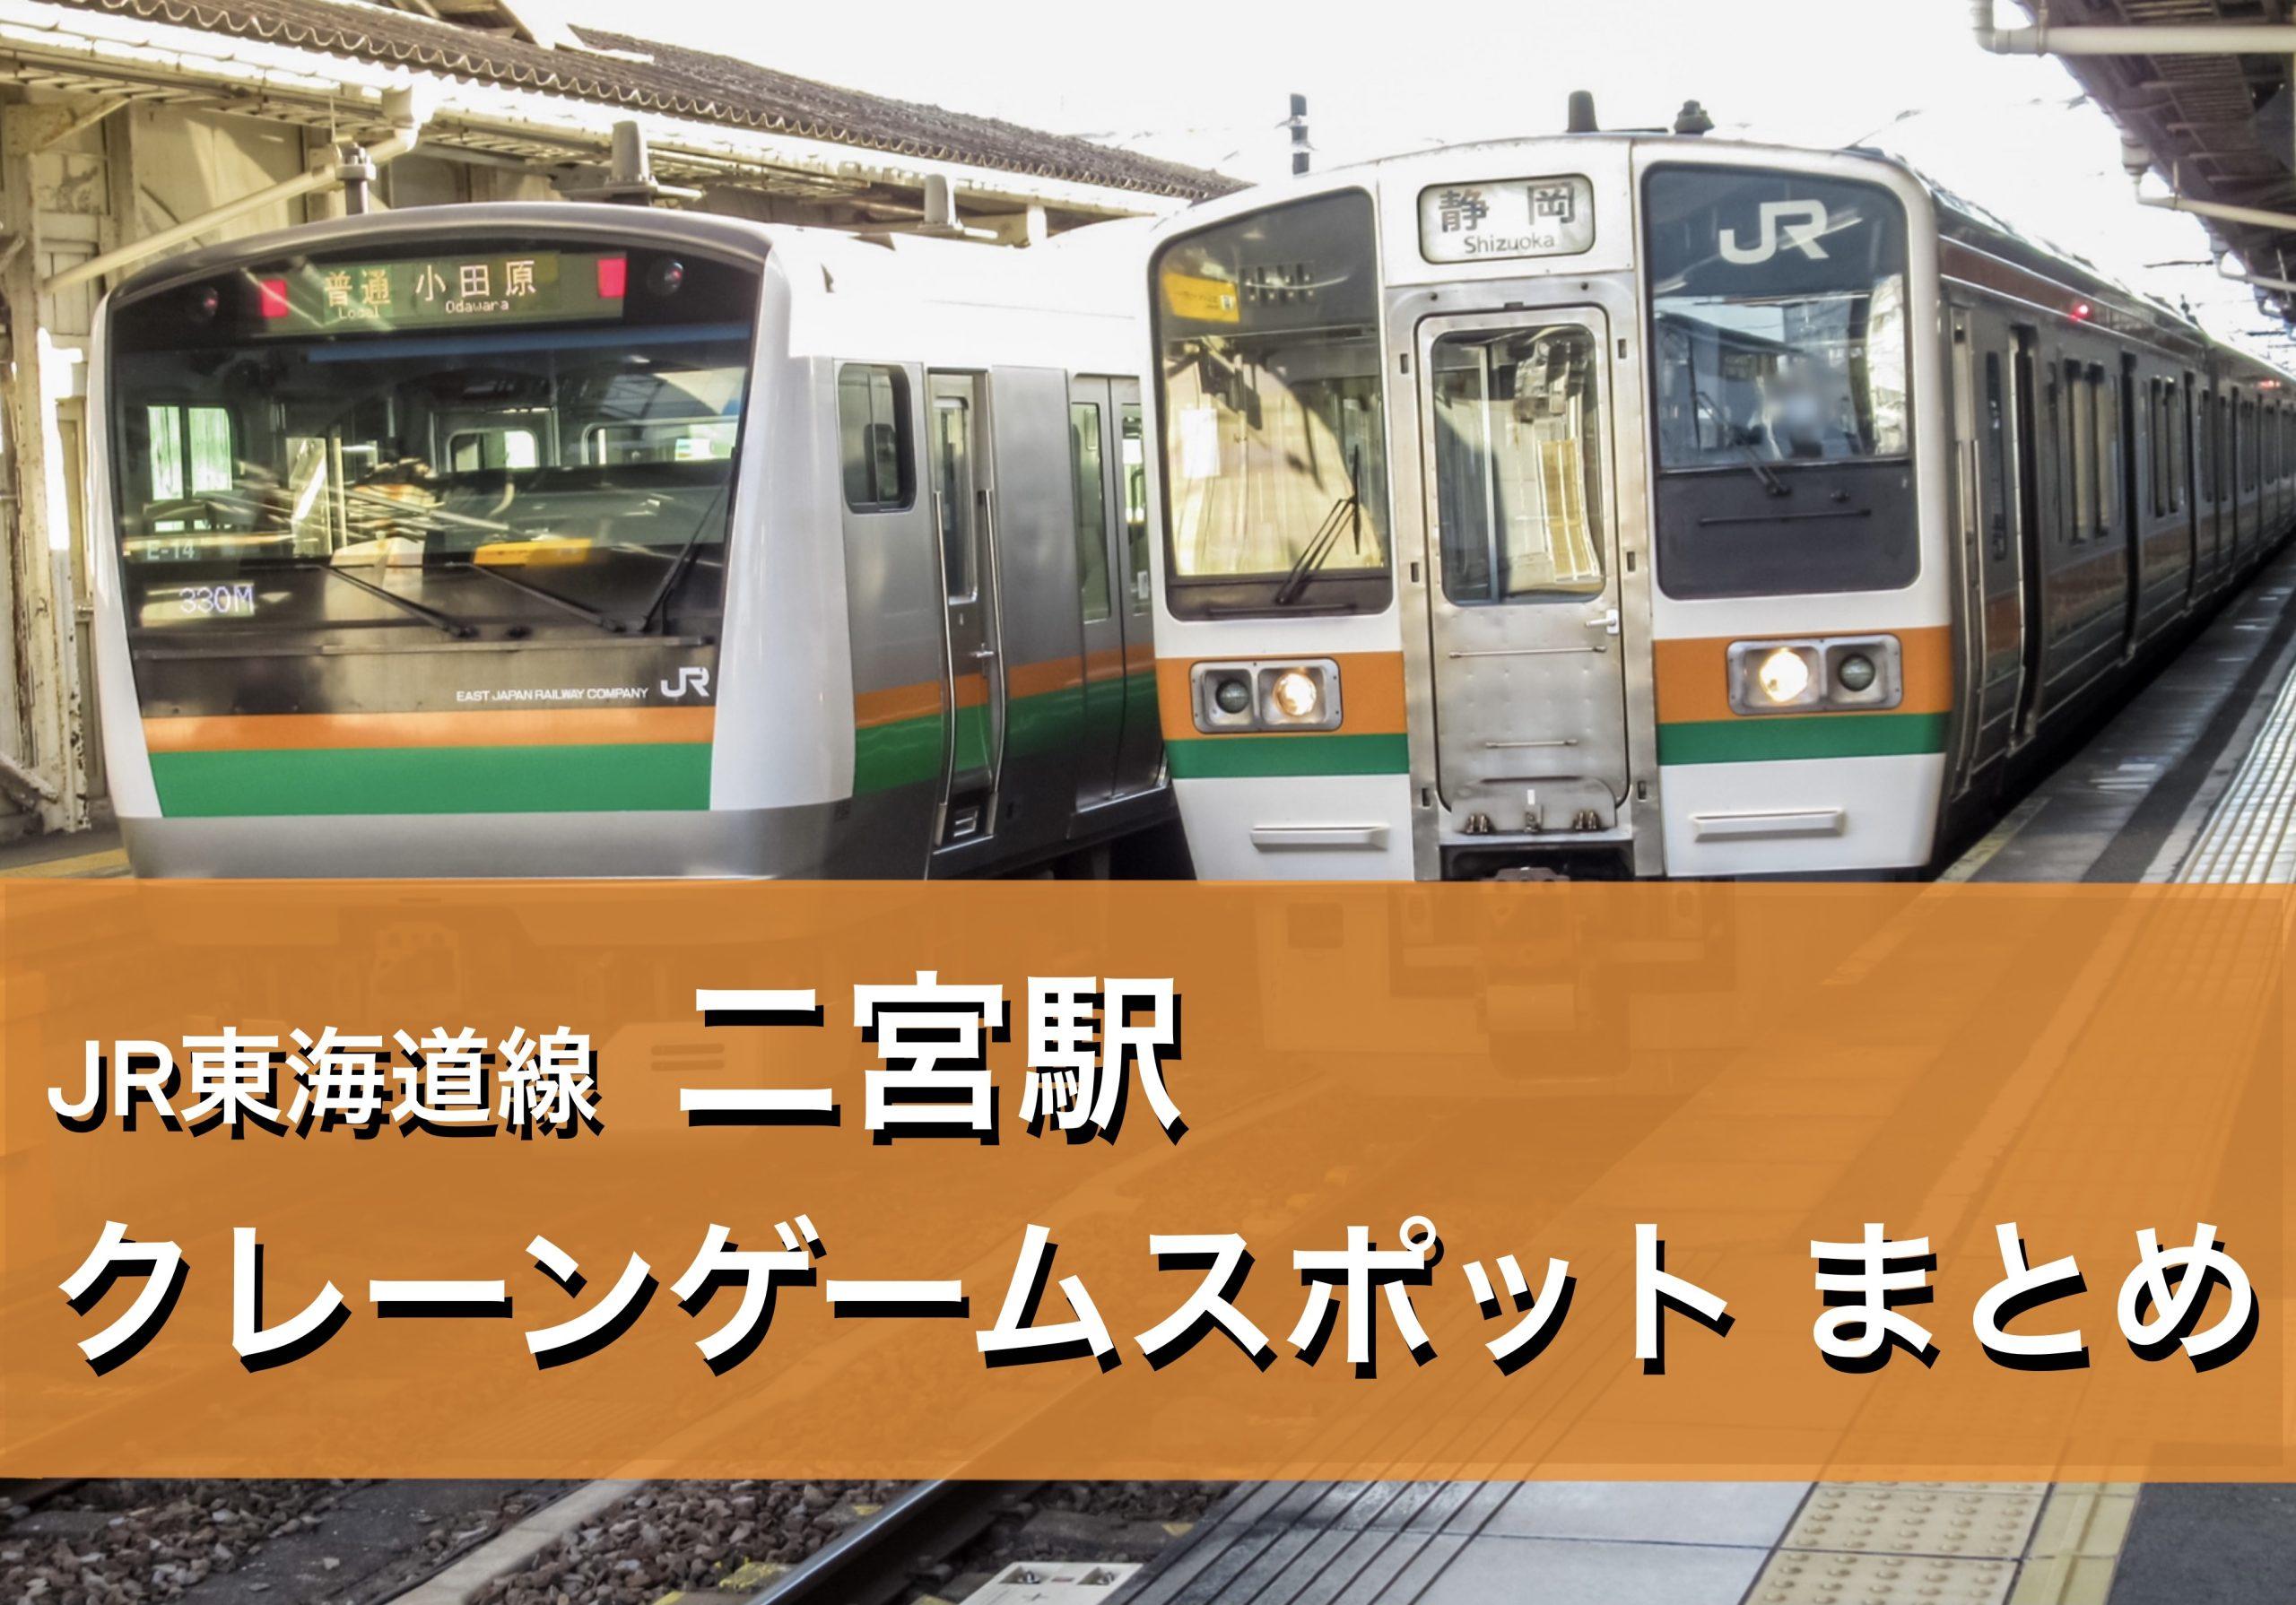 【二宮駅】クレーンゲームができる場所